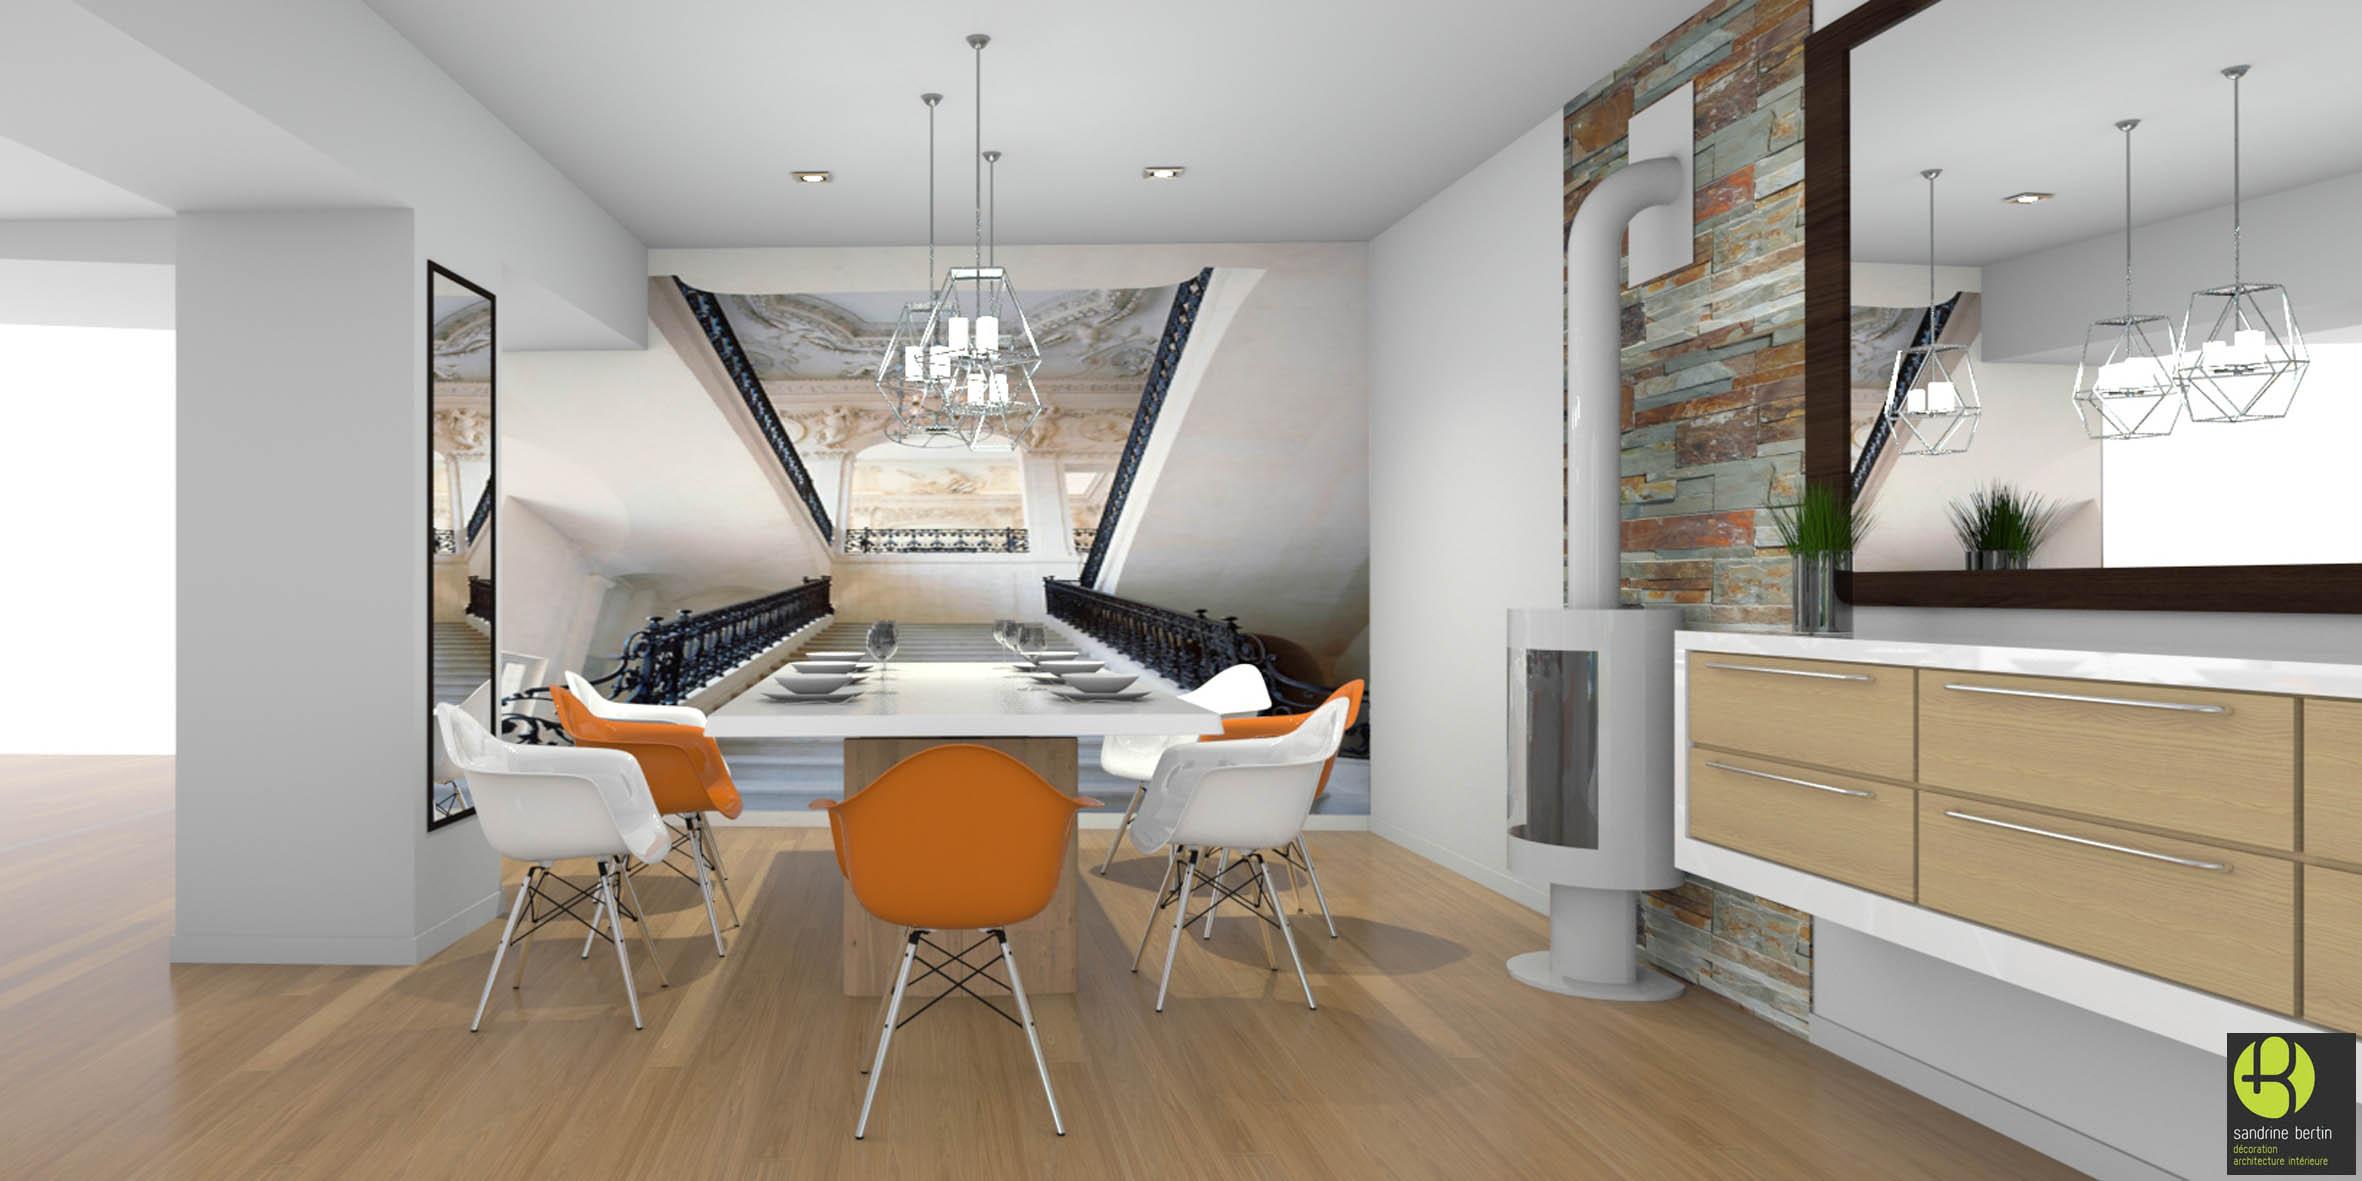 Ventes immobilières : Mes conseils et astuces pour mieux vendre un logement